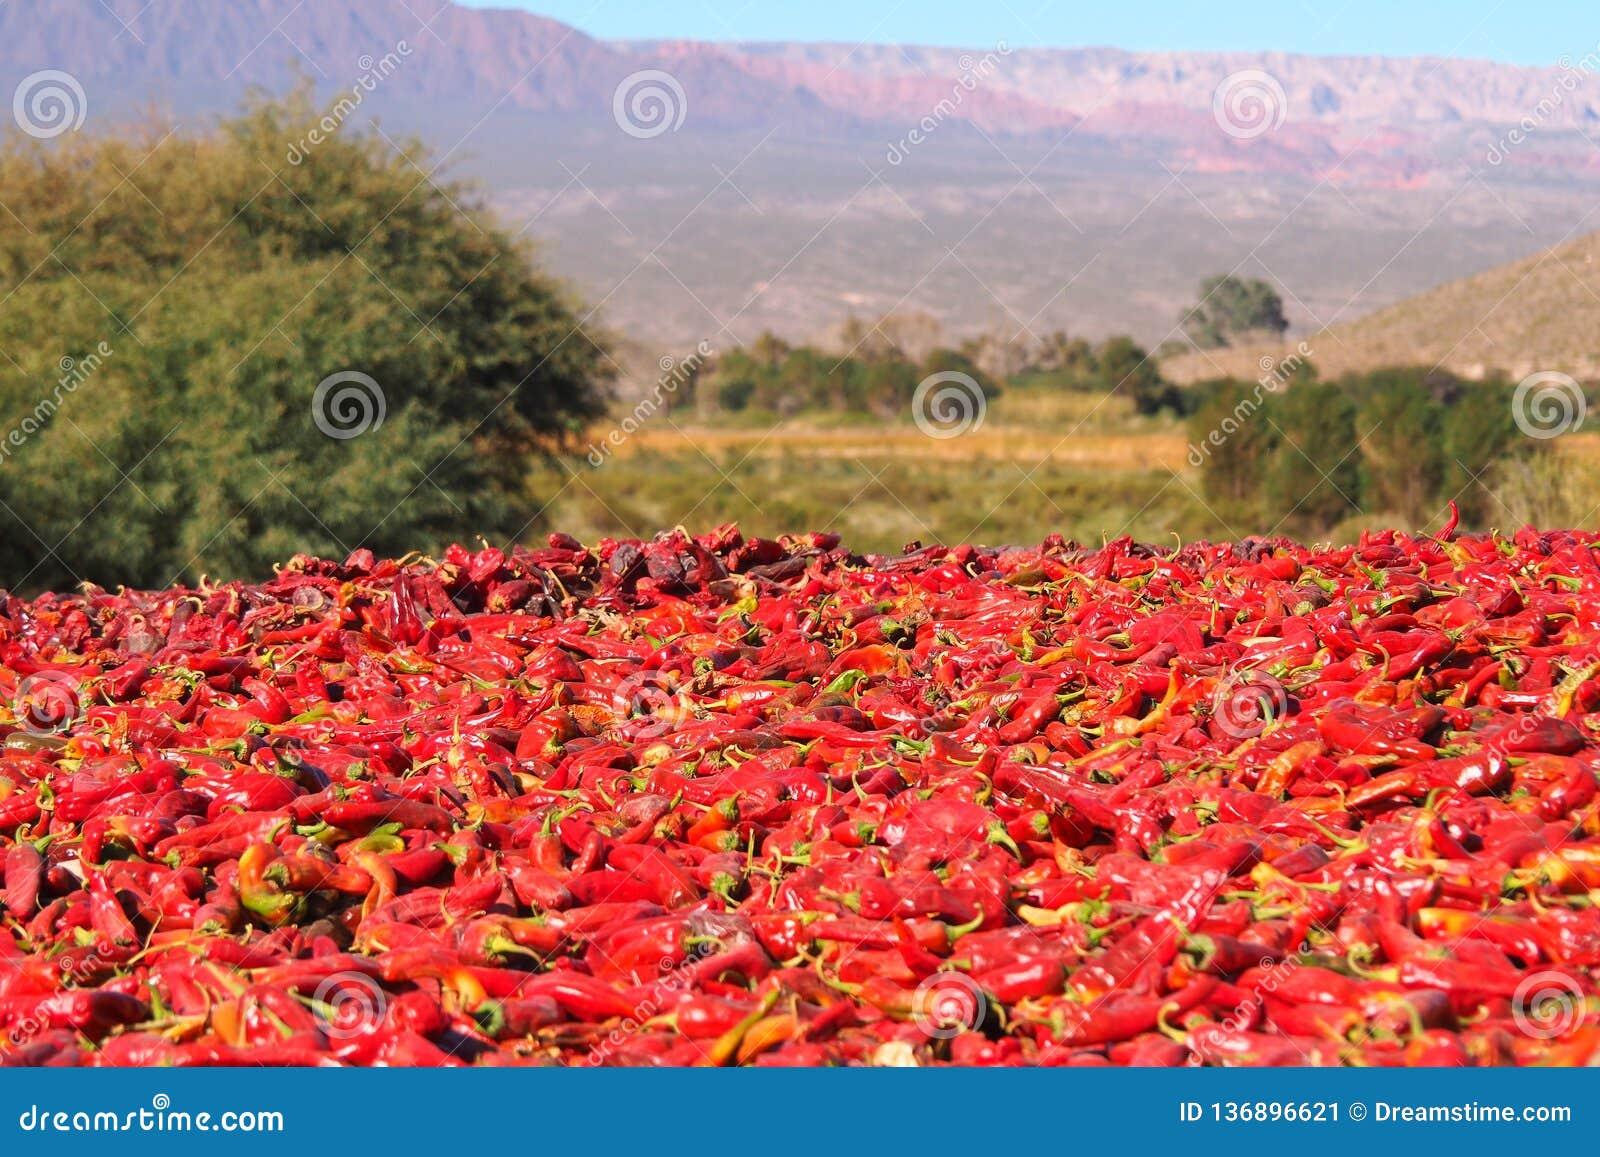 Pimientas rojas brillantes secadas en el sol intenso de Argentina